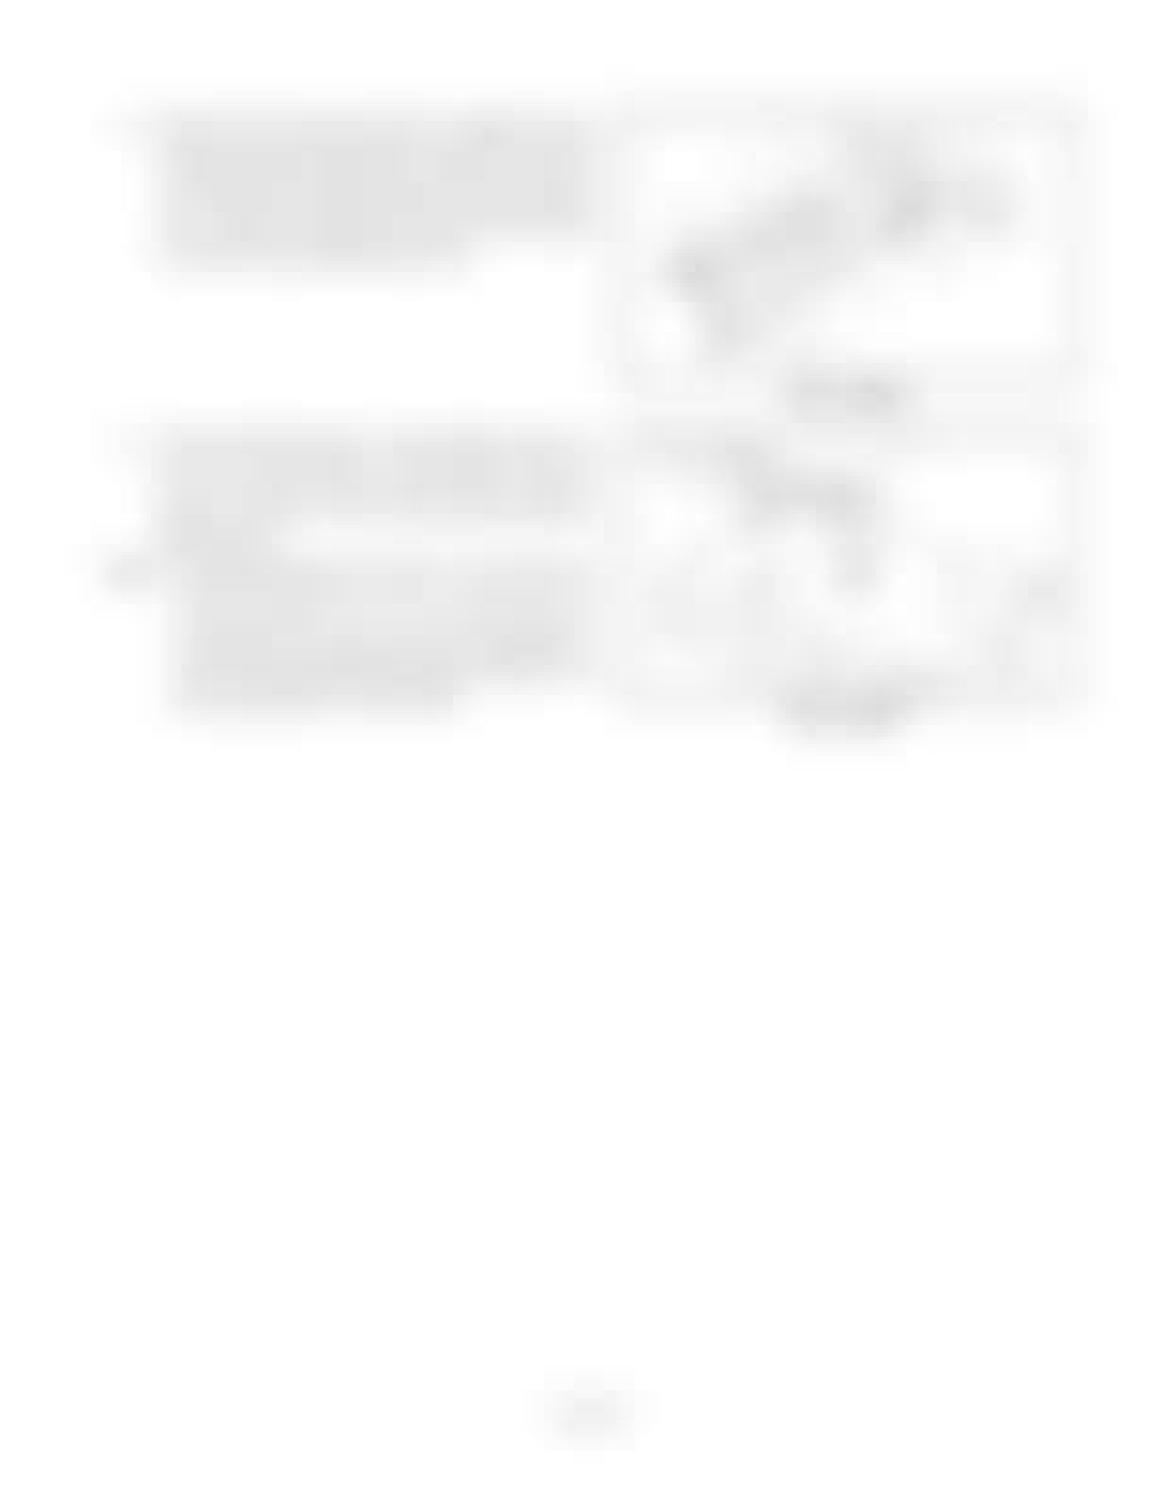 Hitachi LX110-7 LX130-7 LX160-7 LX190-7 LX230-7 Wheel Loader Workshop Manual - PDF DOWNLOAD page 119